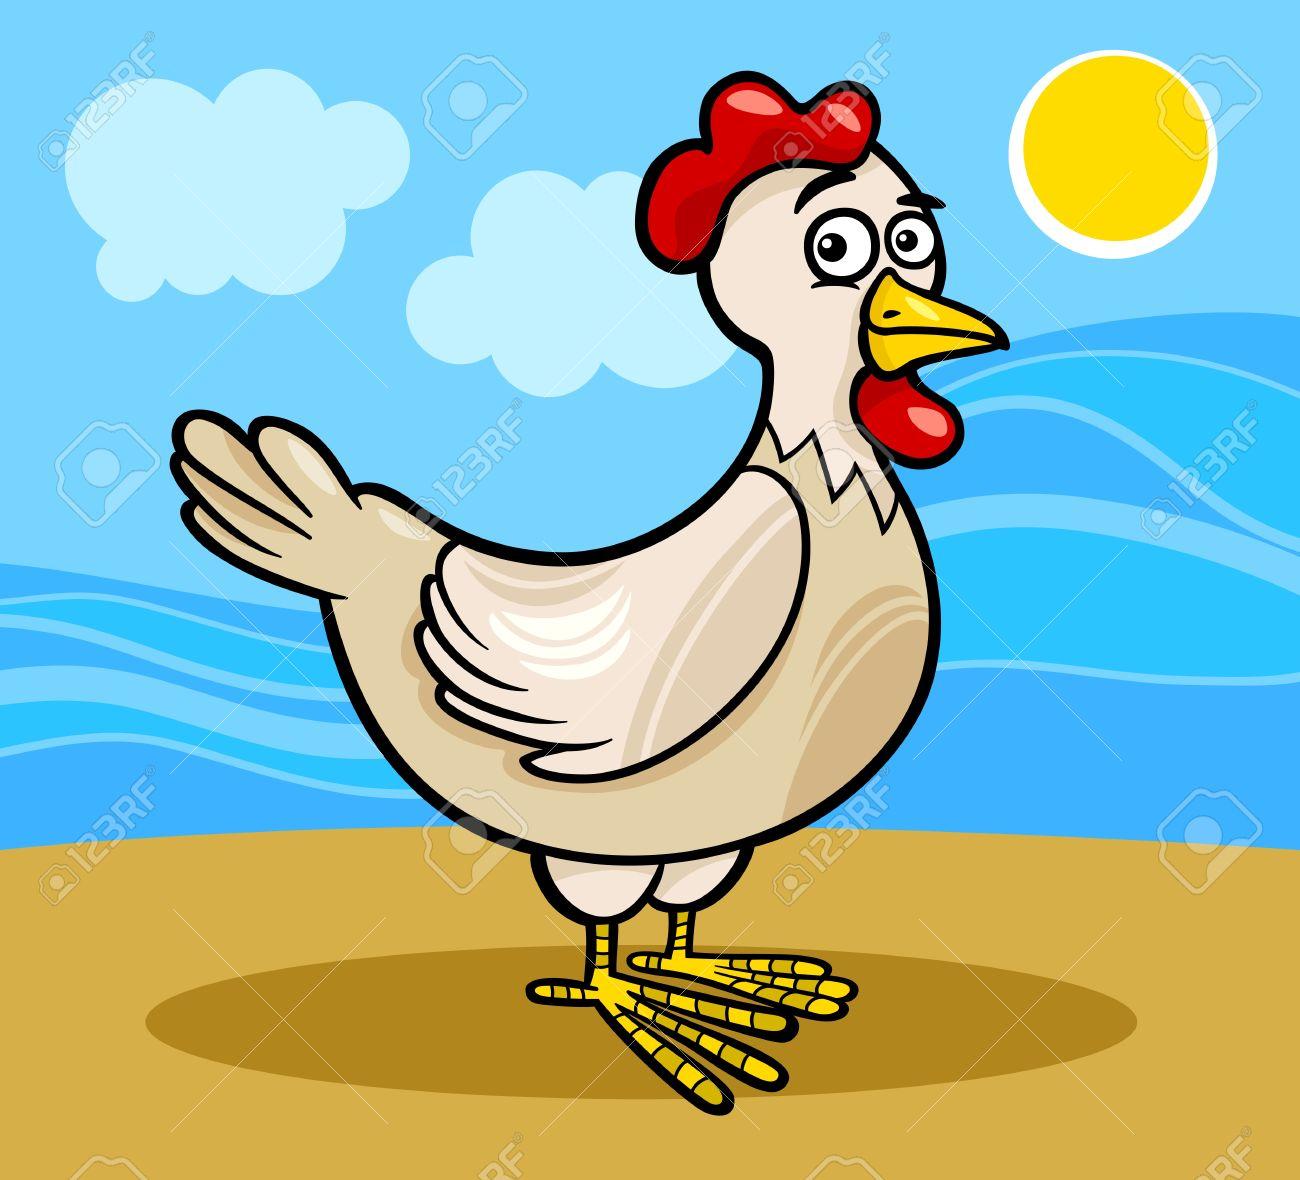 Cartoon Illustration of Funny Hen or Chicken Farm Bird Animal Stock Vector - 19139579